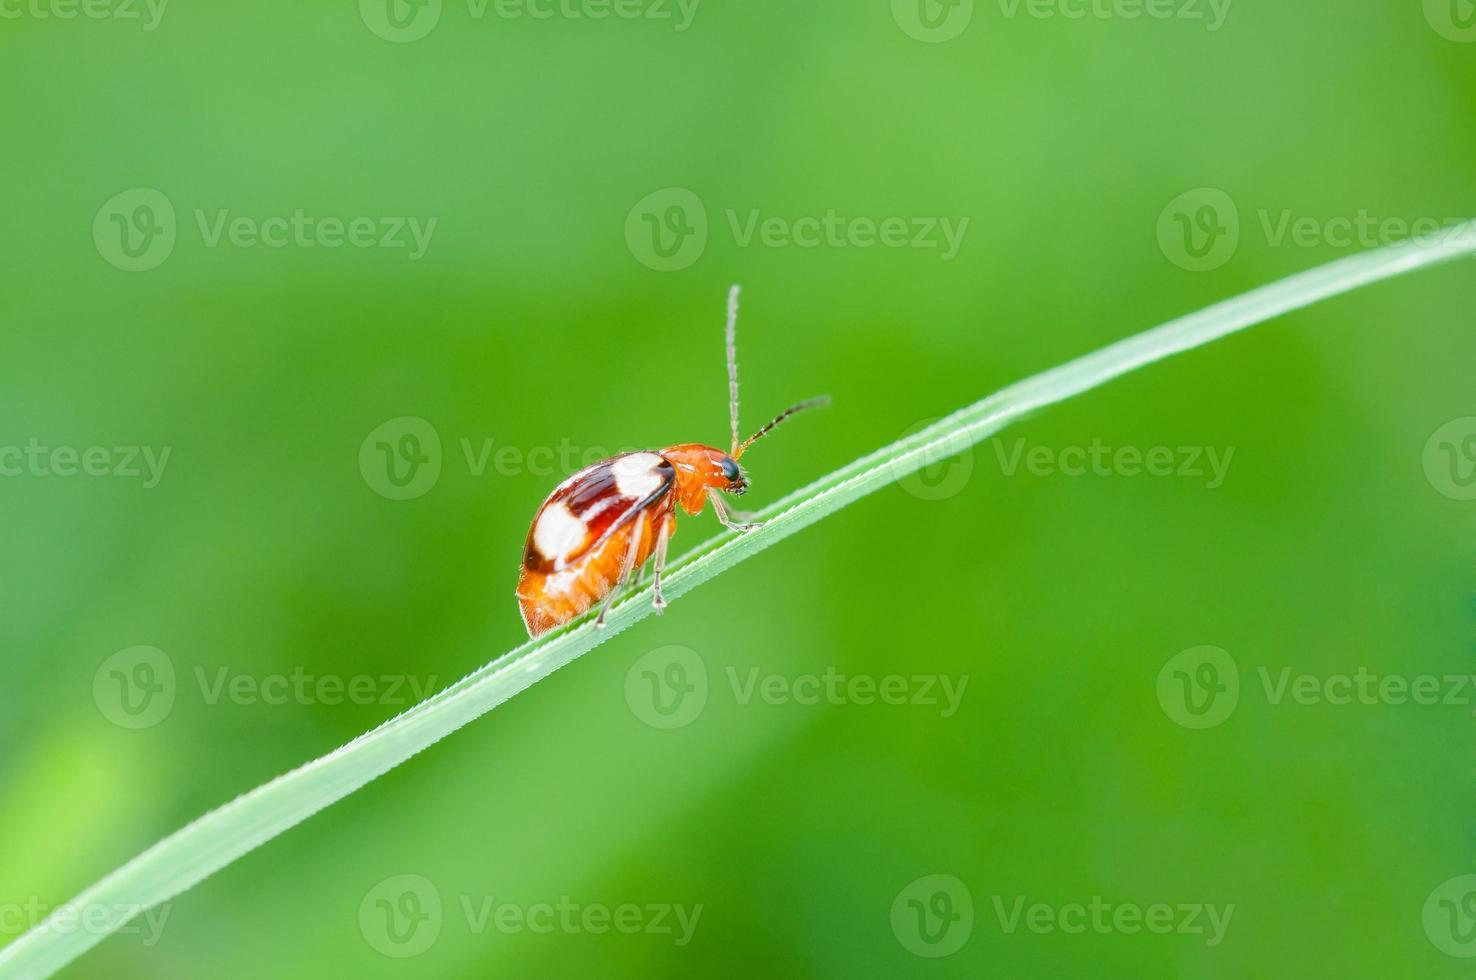 joaninha correndo na lâmina de grama verde. natureza bela foto